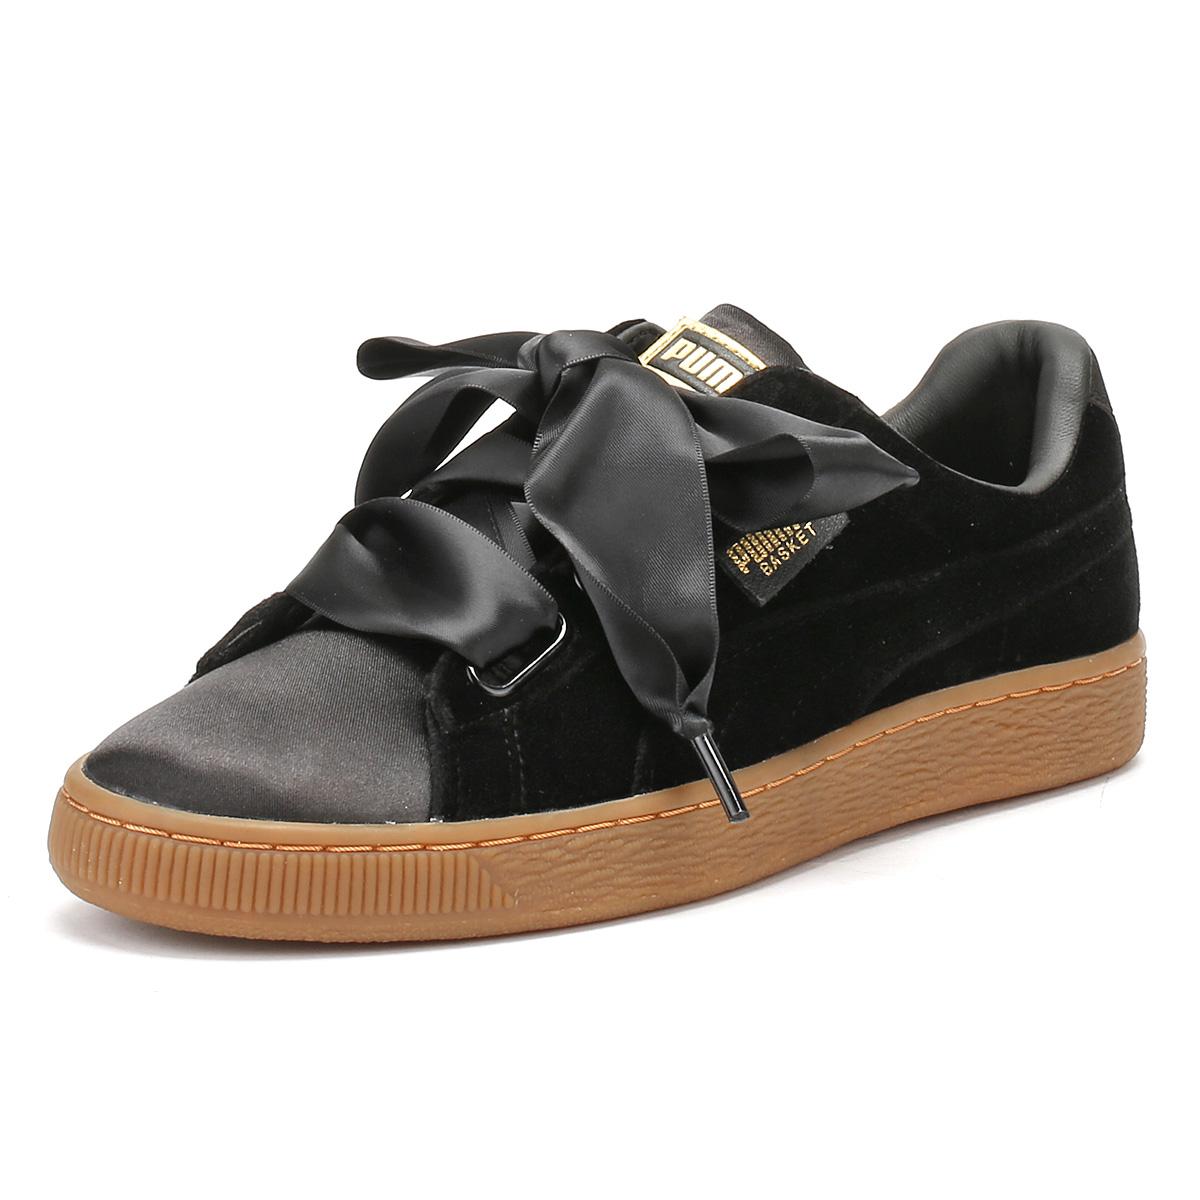 Puma Zapatillas Para Mujer Negro Goma cesta Terciopelo Corazón Sport Casual Zapatos señoras de la cesta Goma bf4038